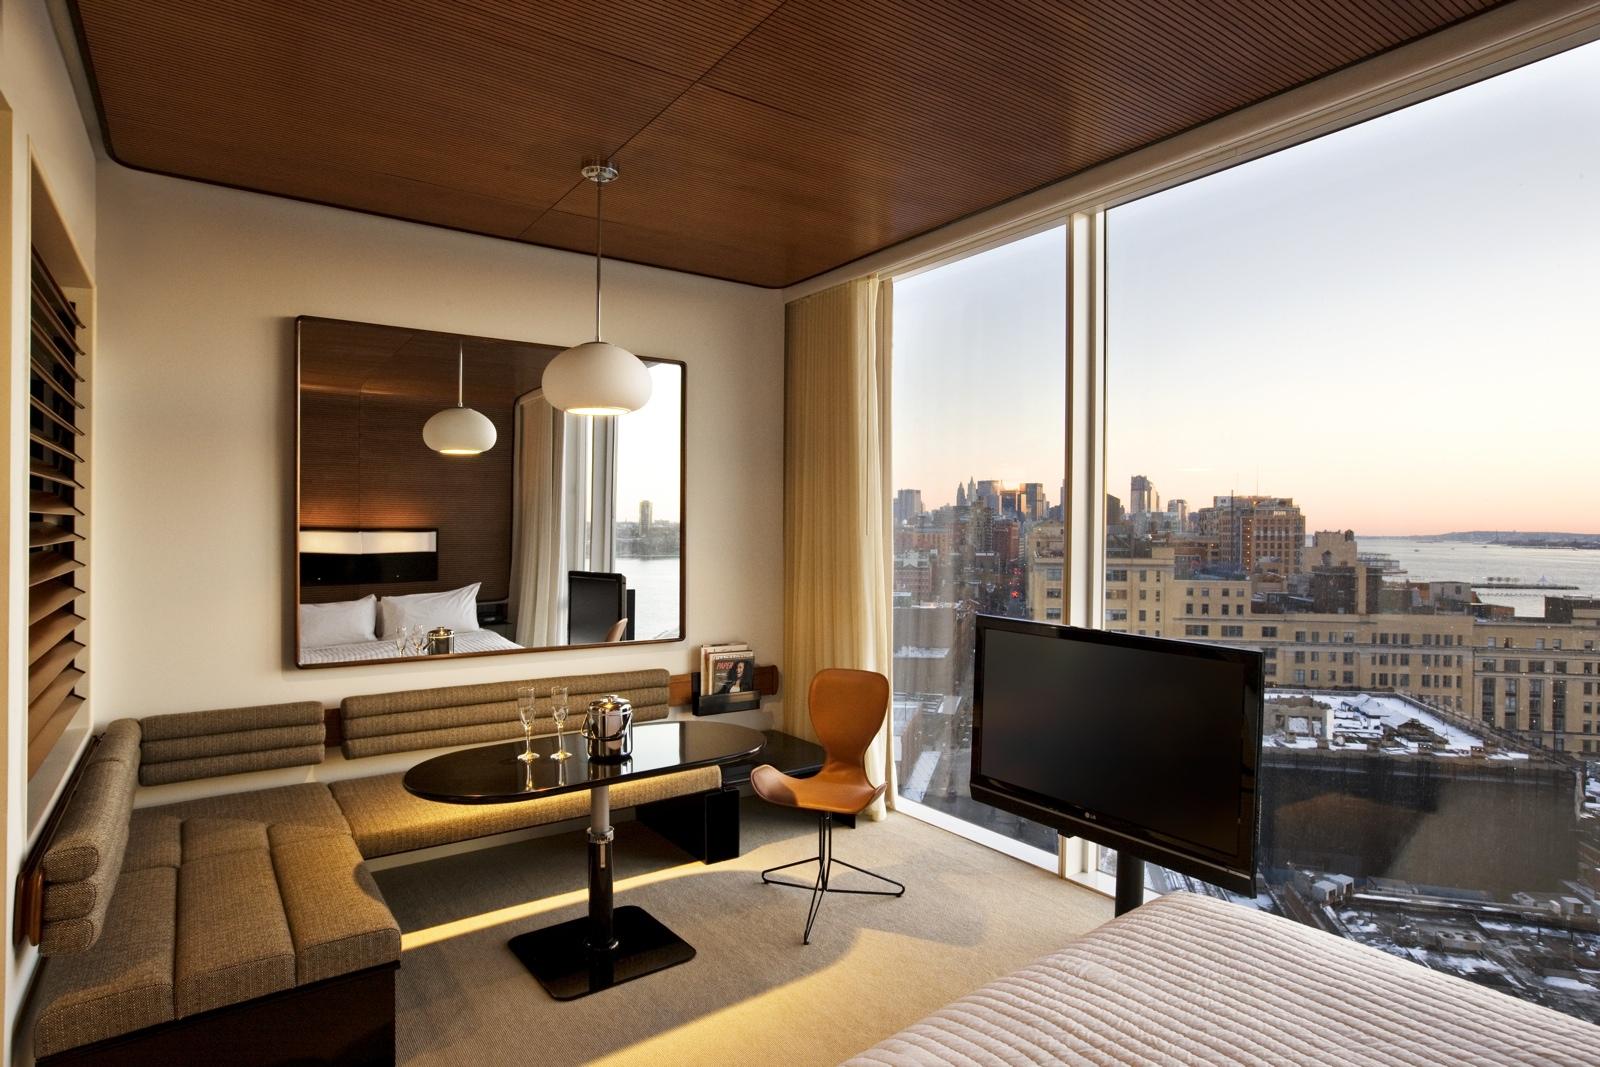 Un Htel Design Au Cur De Manhattan Avec Une Vue Couper